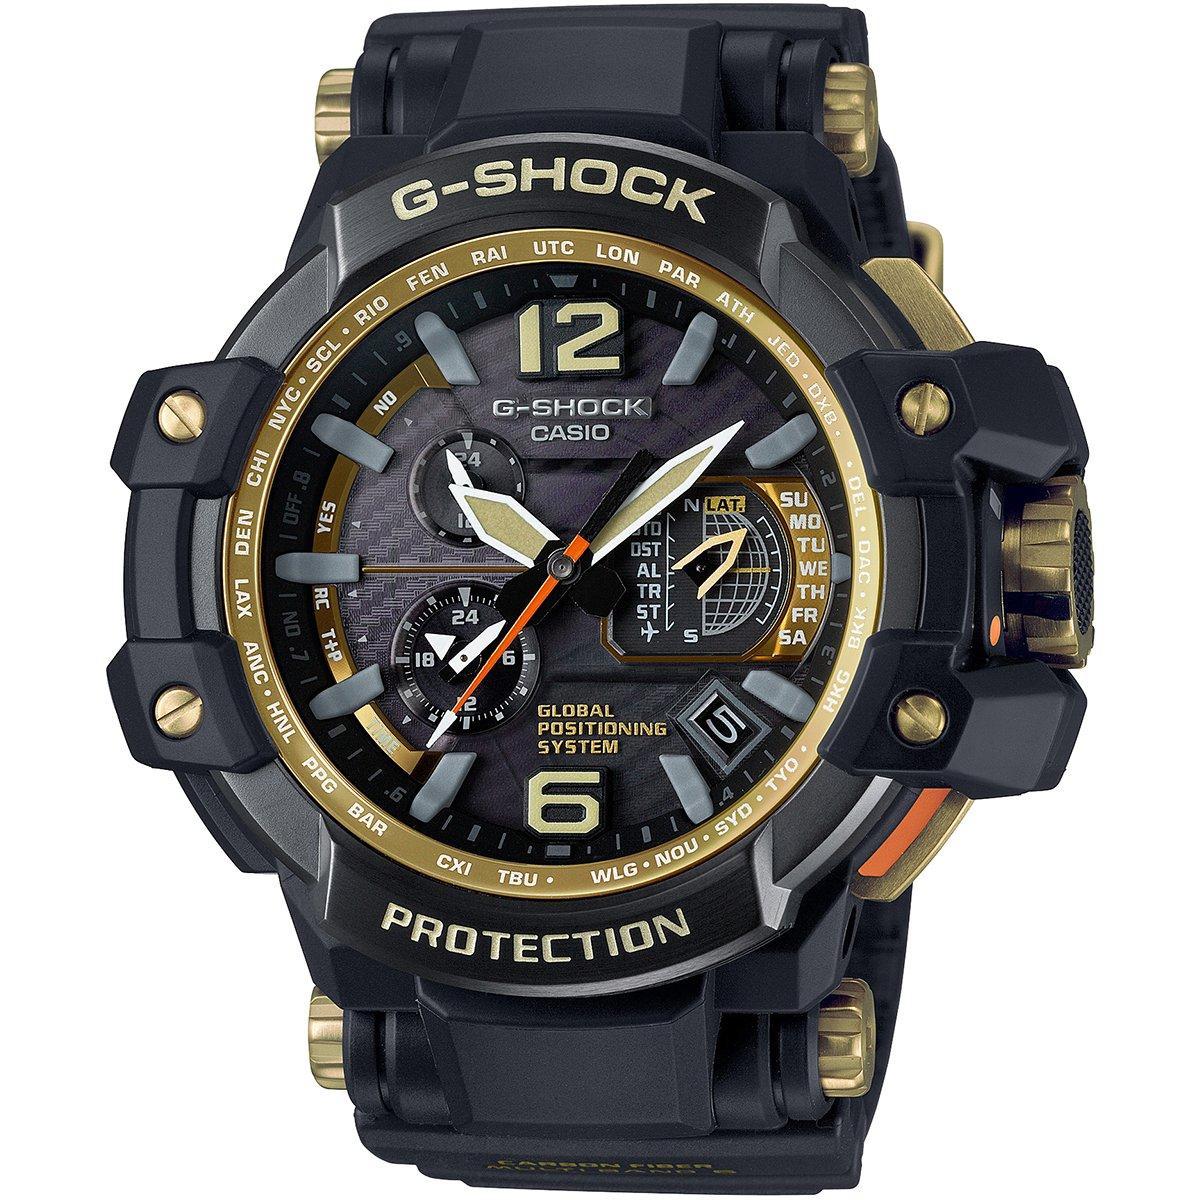 9b8c9f9268b Relógio G-Shock GPW-1000GB-1A - Preto e Dourado - Compre Agora ...